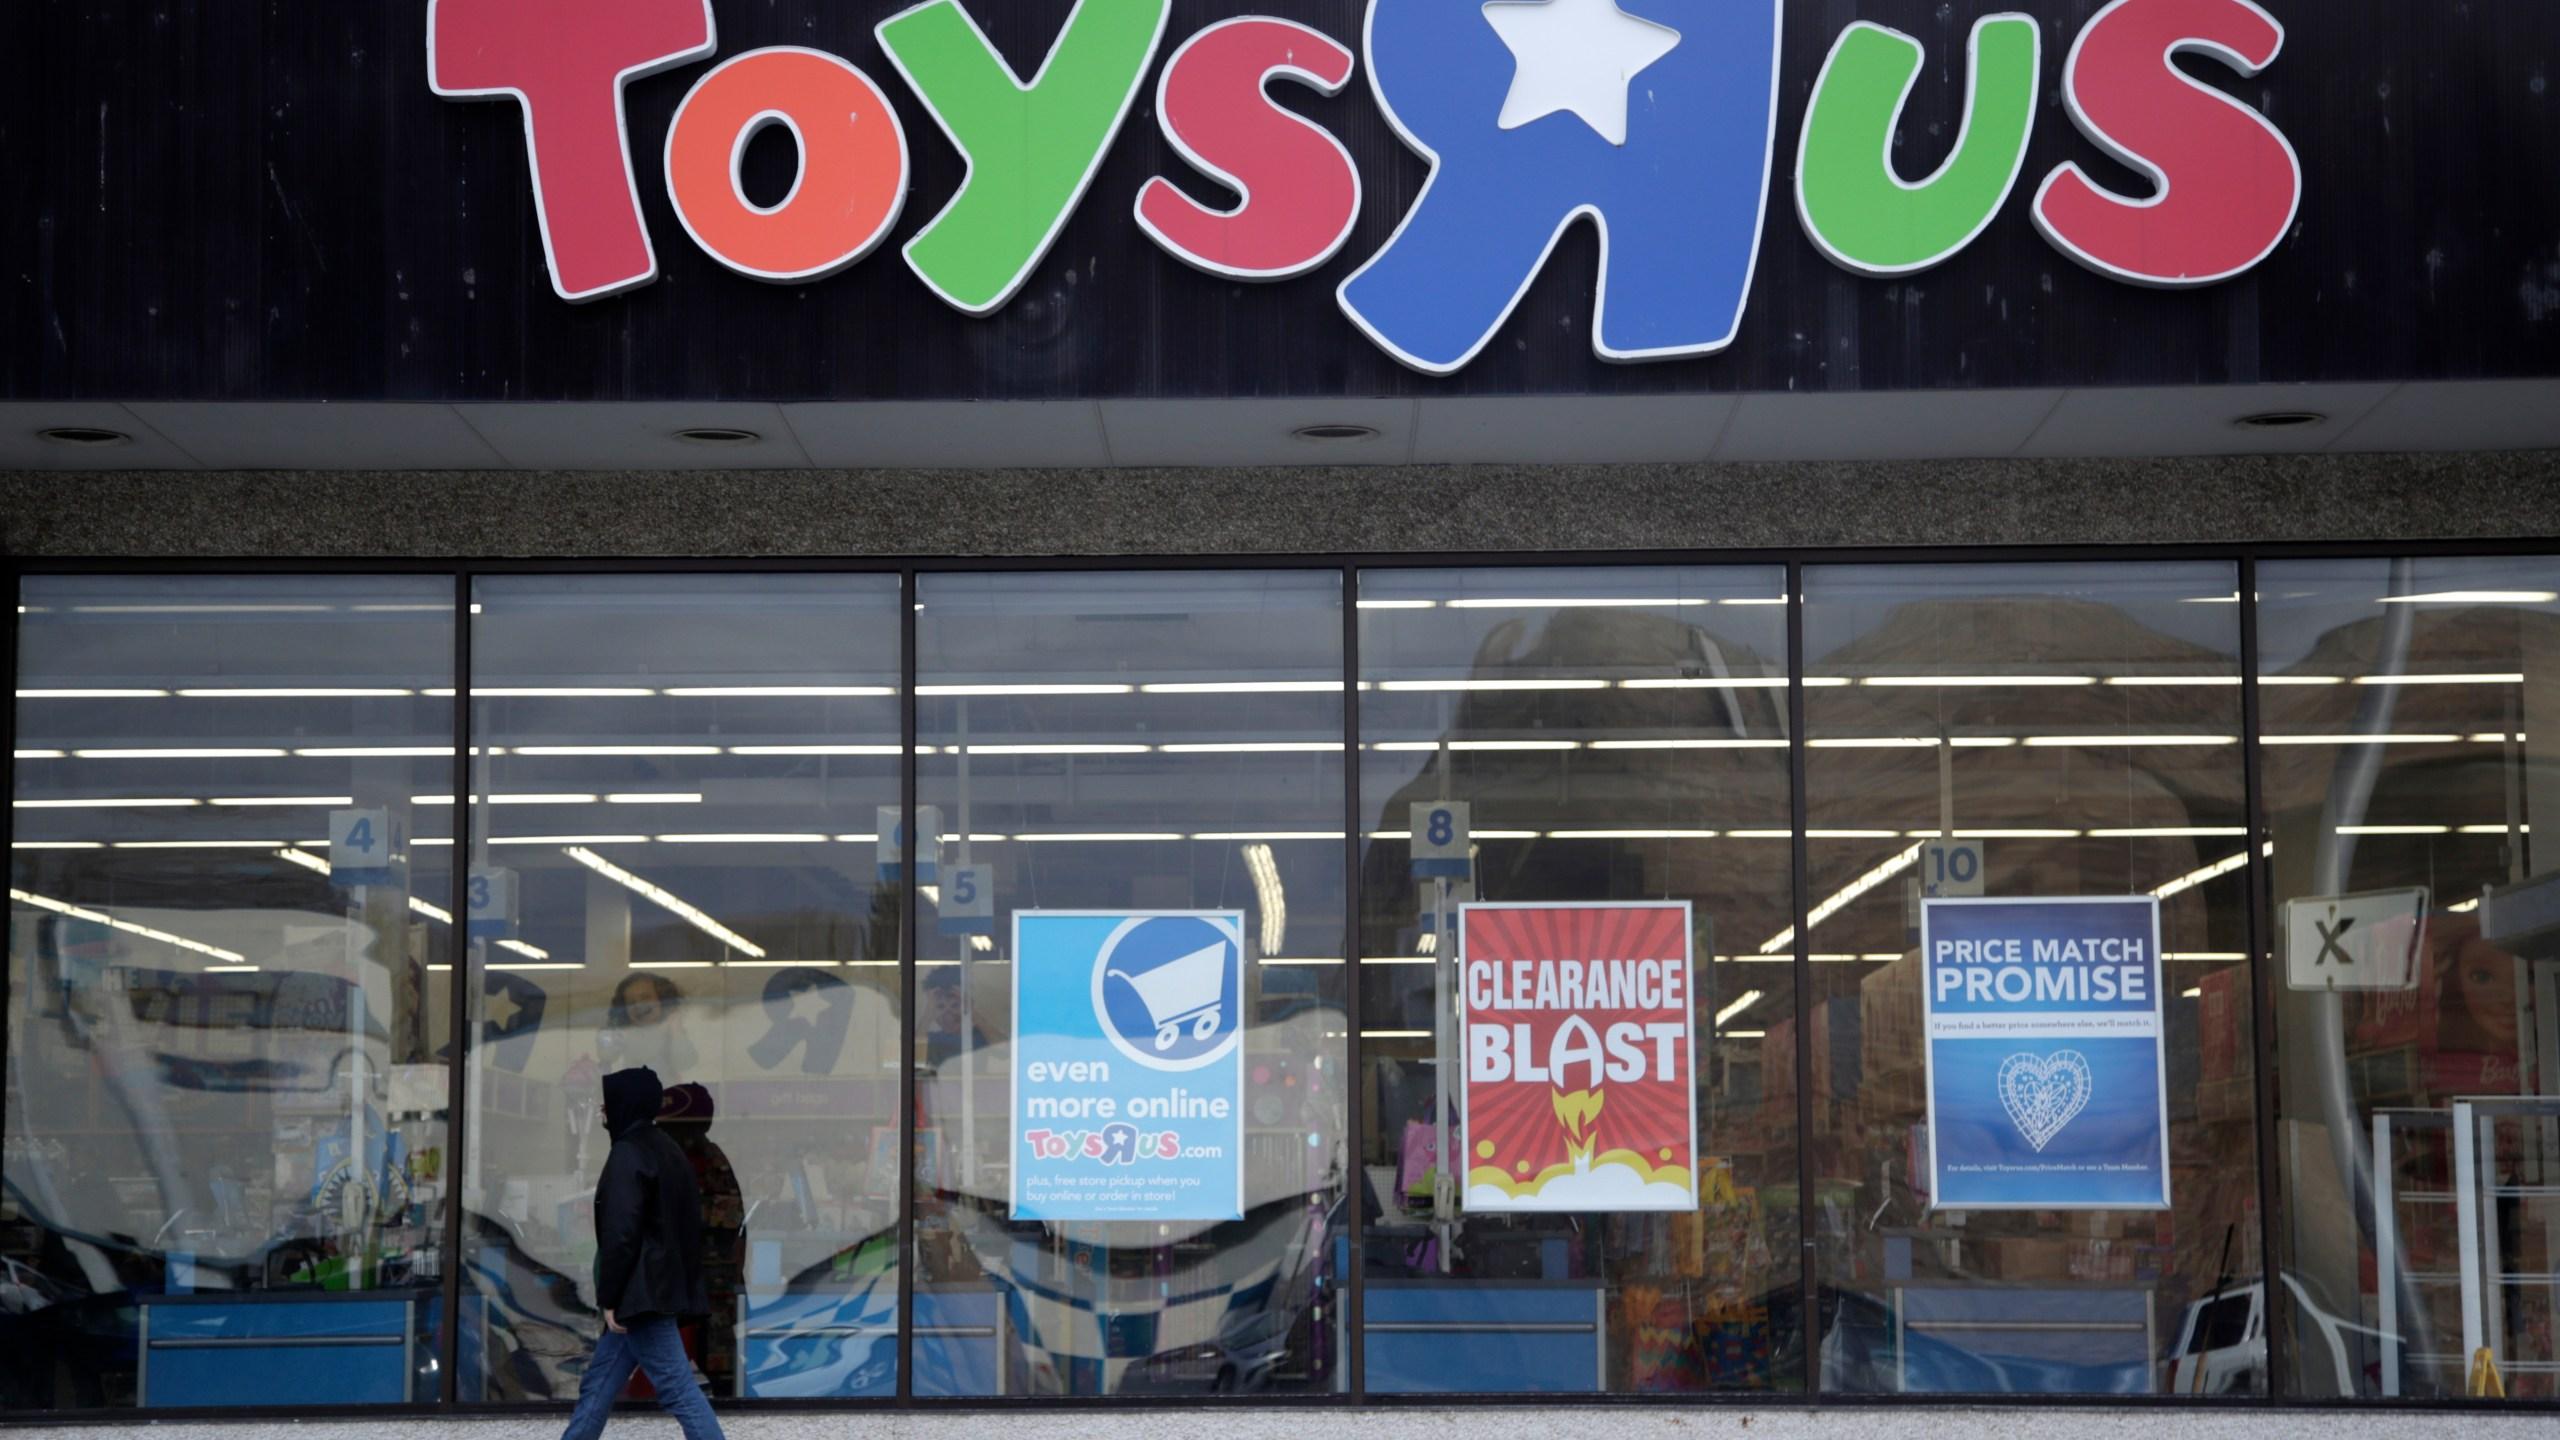 Toys_R_Us-Liquidation_28297-159532-159532.jpg94610686